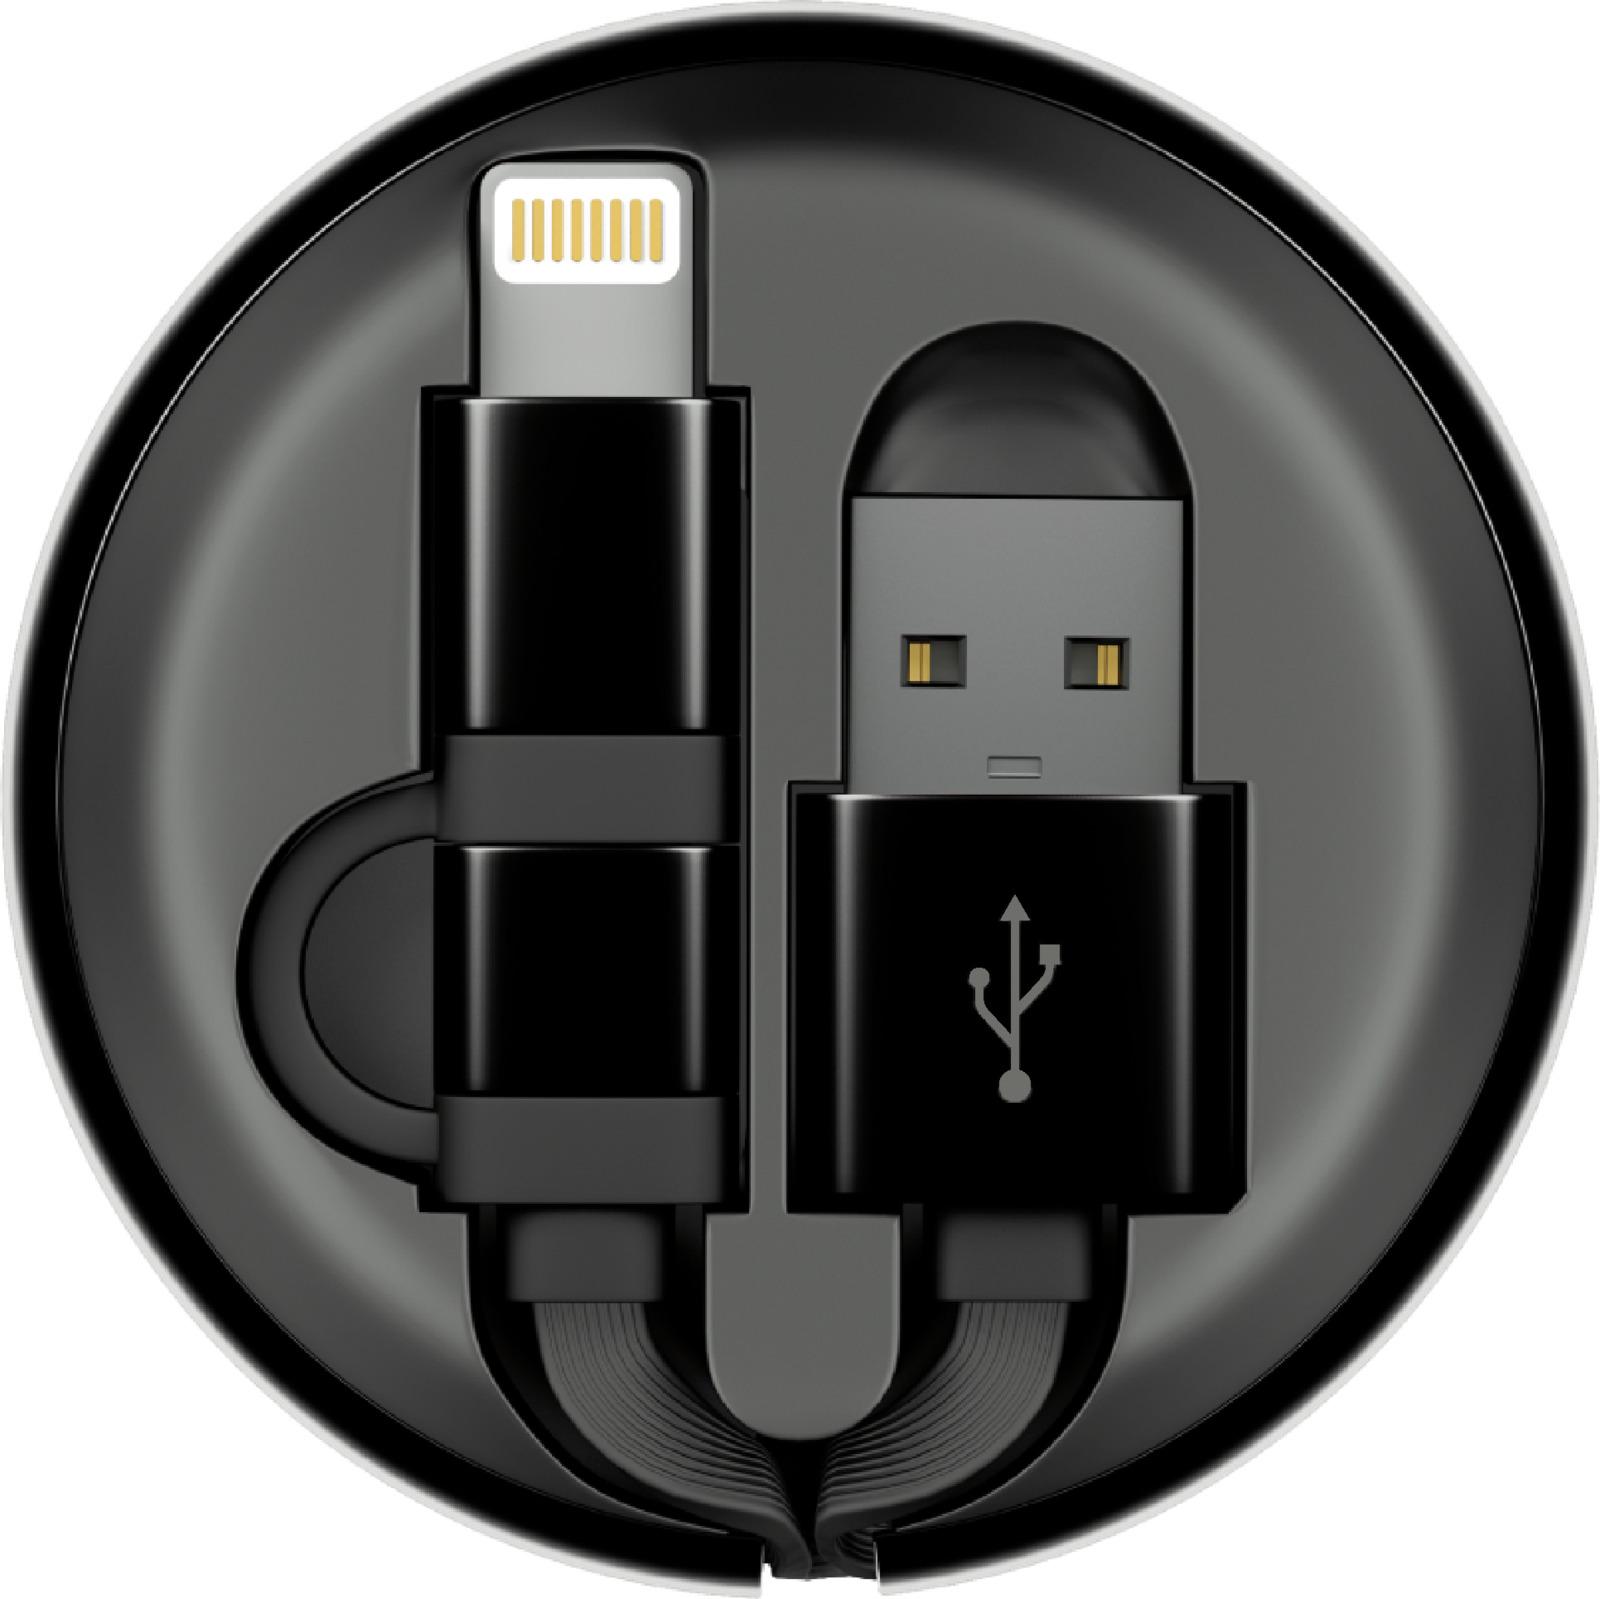 Кабель-рулетка Interstep Lightning + Micro USB 2.0, 65584, черный, 1 м переходник кабель interstep is dc crgnheasl 020b201 usb 2 0 lightning lightning мама 0 2 м для одновременной зарядки устройства и прослушивания музыки черный